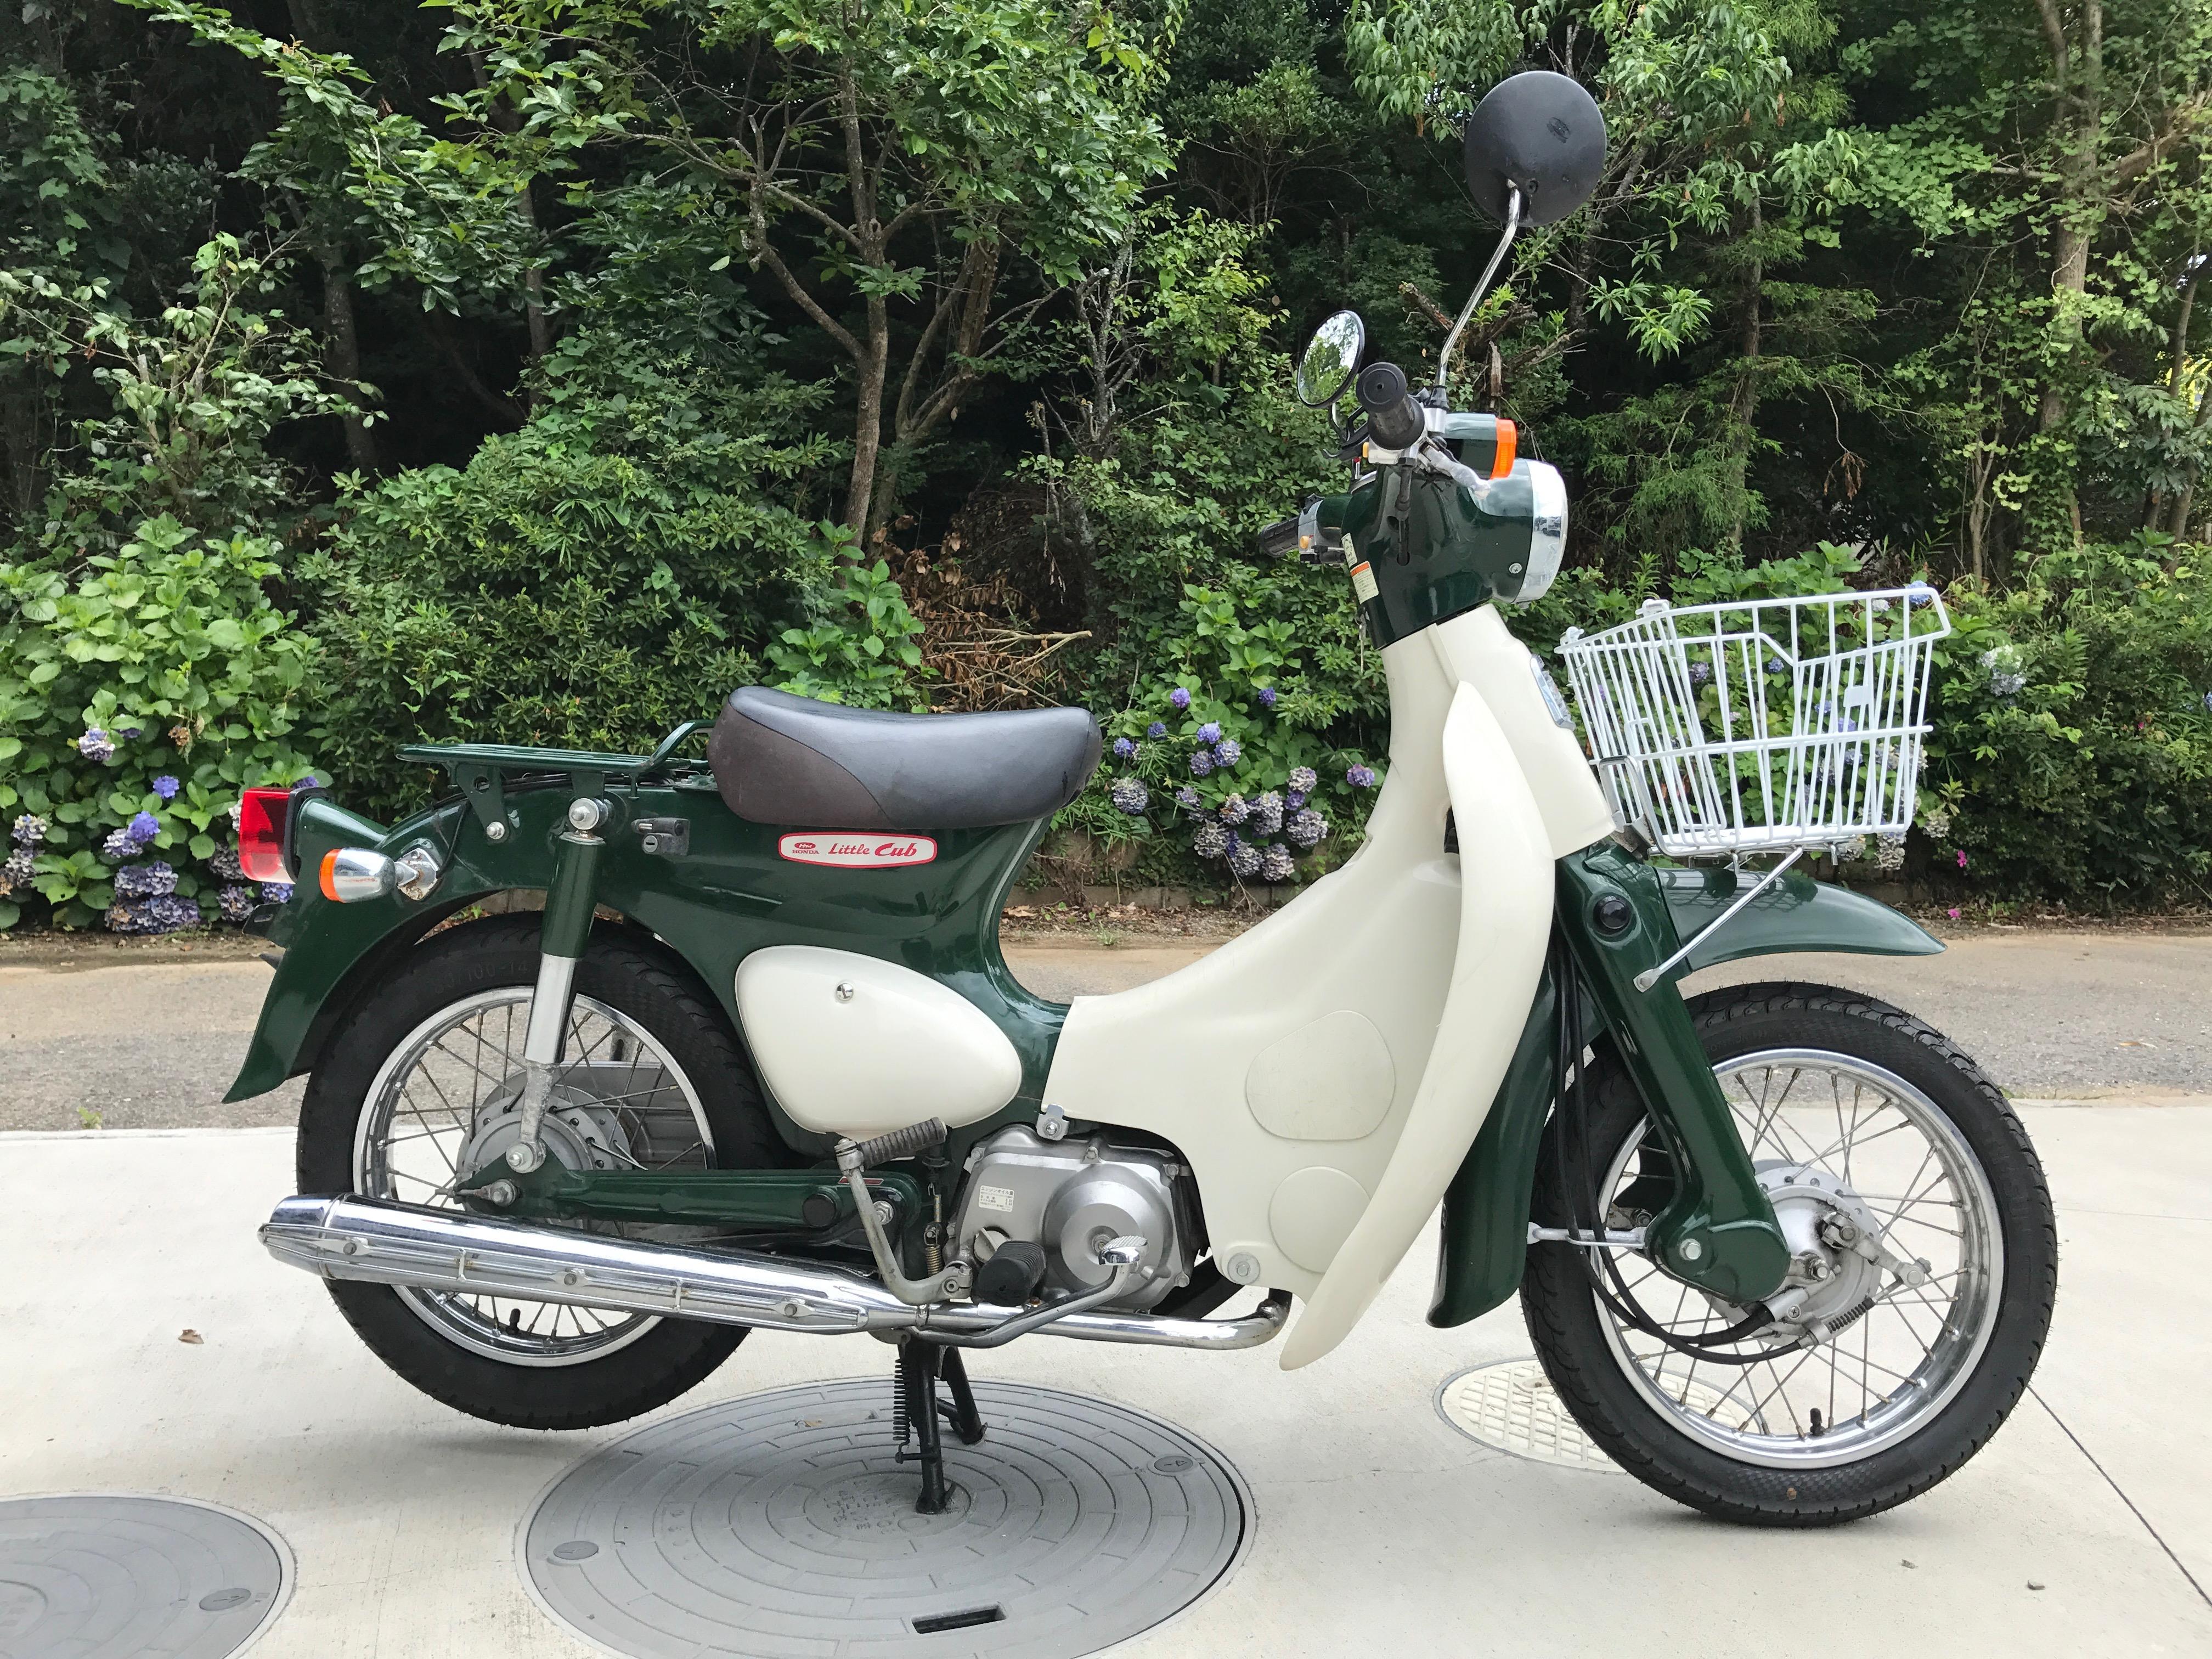 リトルカブ (HN-00) - 【公式】レンタルバイクのベストBike® 横浜駅前